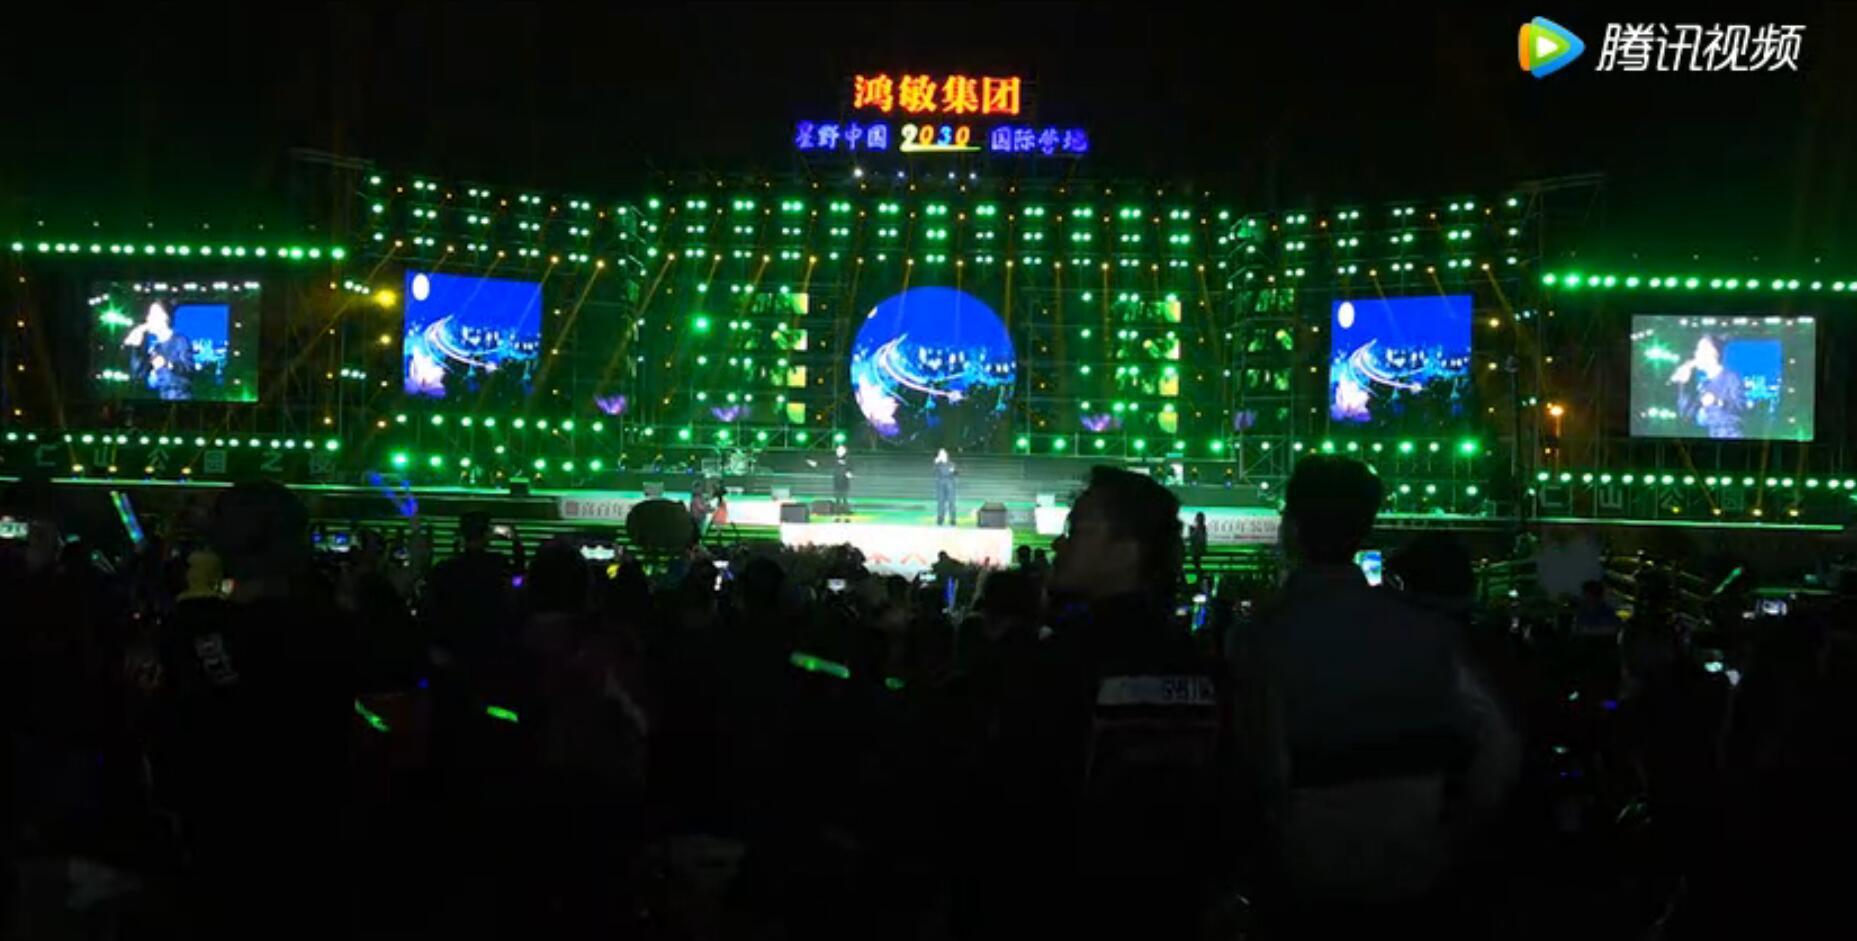 铜仁市民族风情园仁山公园2030营地音乐演唱会-松桃百姓网-石林波博客